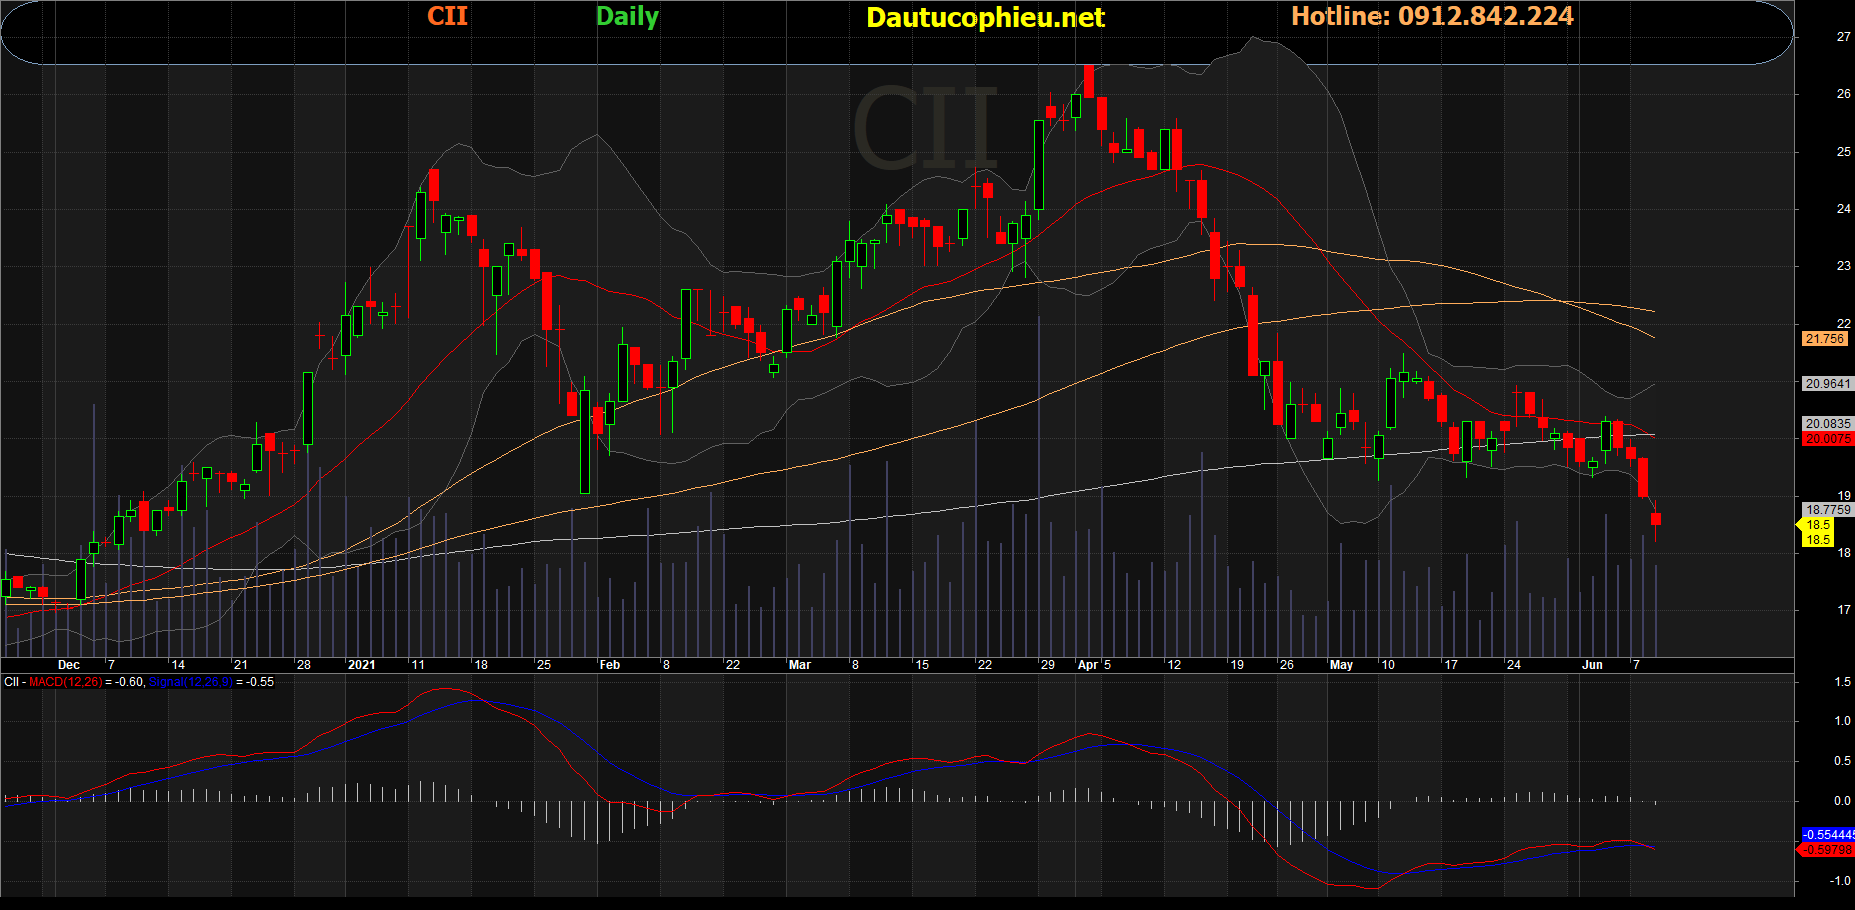 Cổ phiếu CII